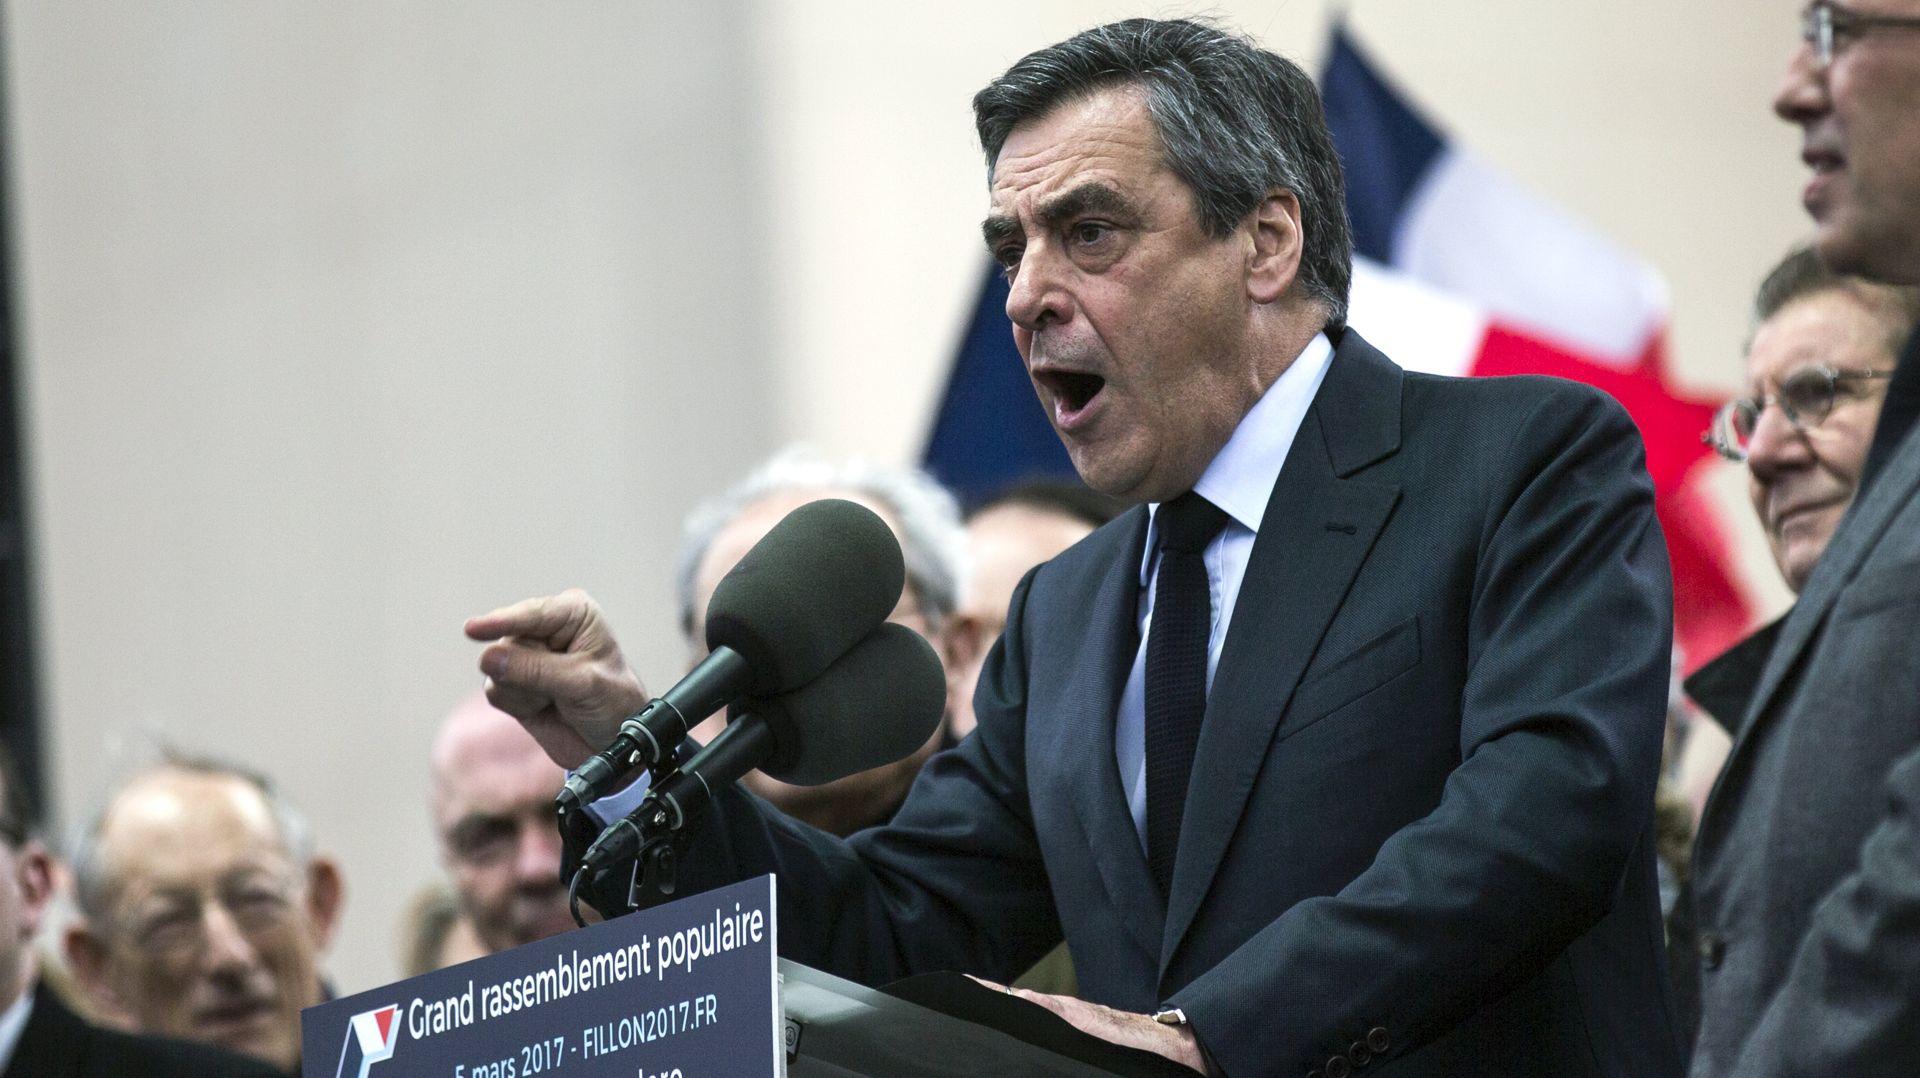 Francois Fillon kaže kako ostaje u francuskoj predsjedničkoj utrci